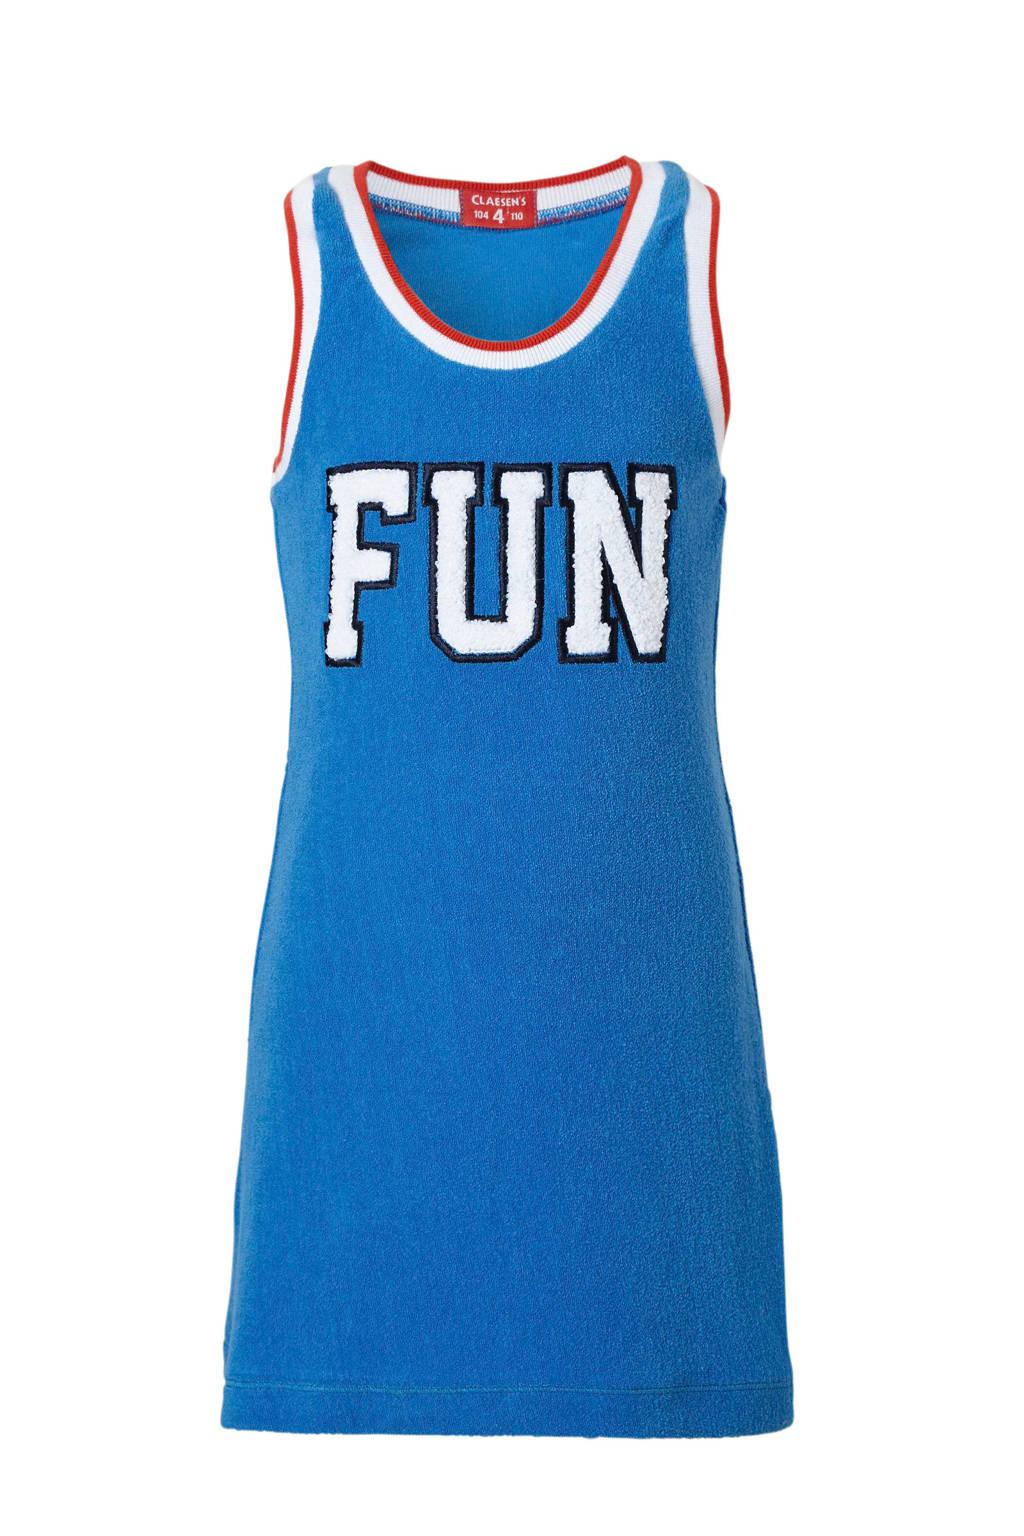 Claesen's mouwloze jurk met tekst blauw, Blauw/wit/rood